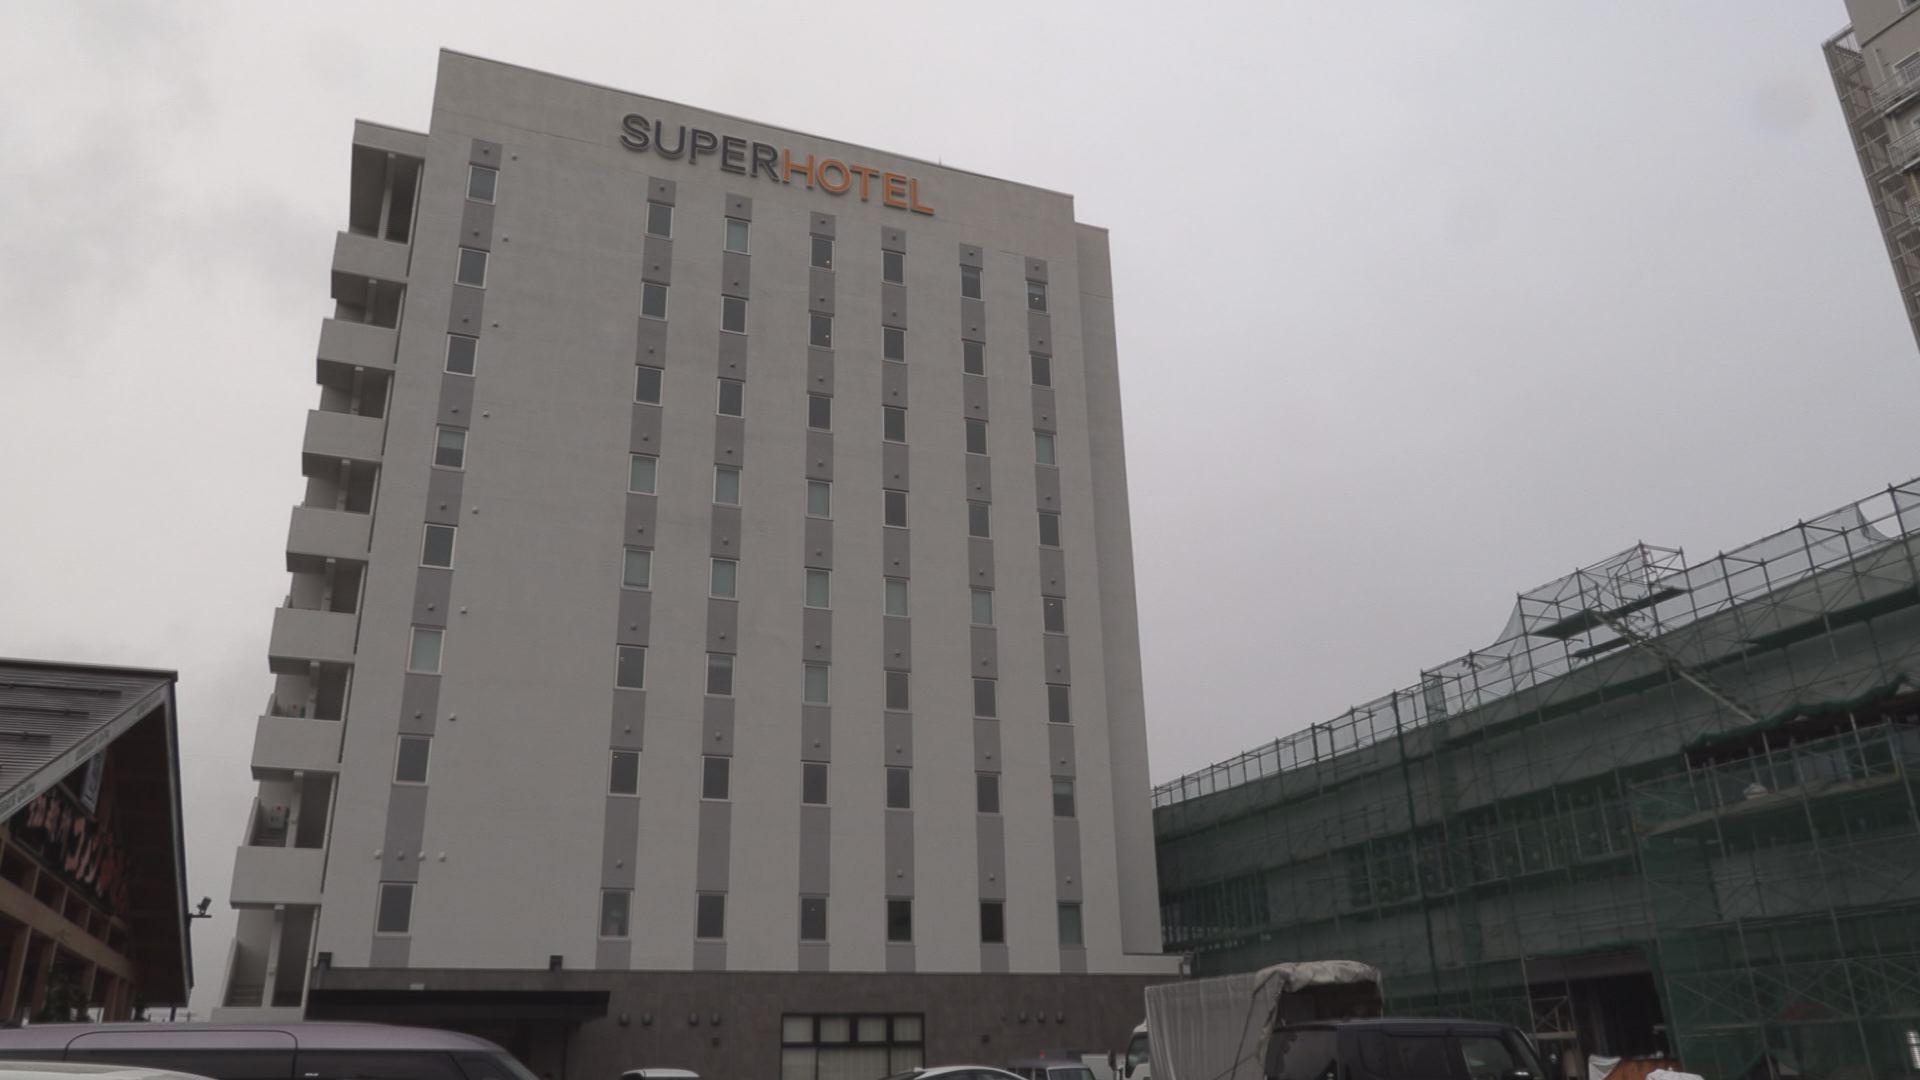 駅 上越 妙高 スーパー 西口 ホテル スーパーホテル上越妙高駅西口